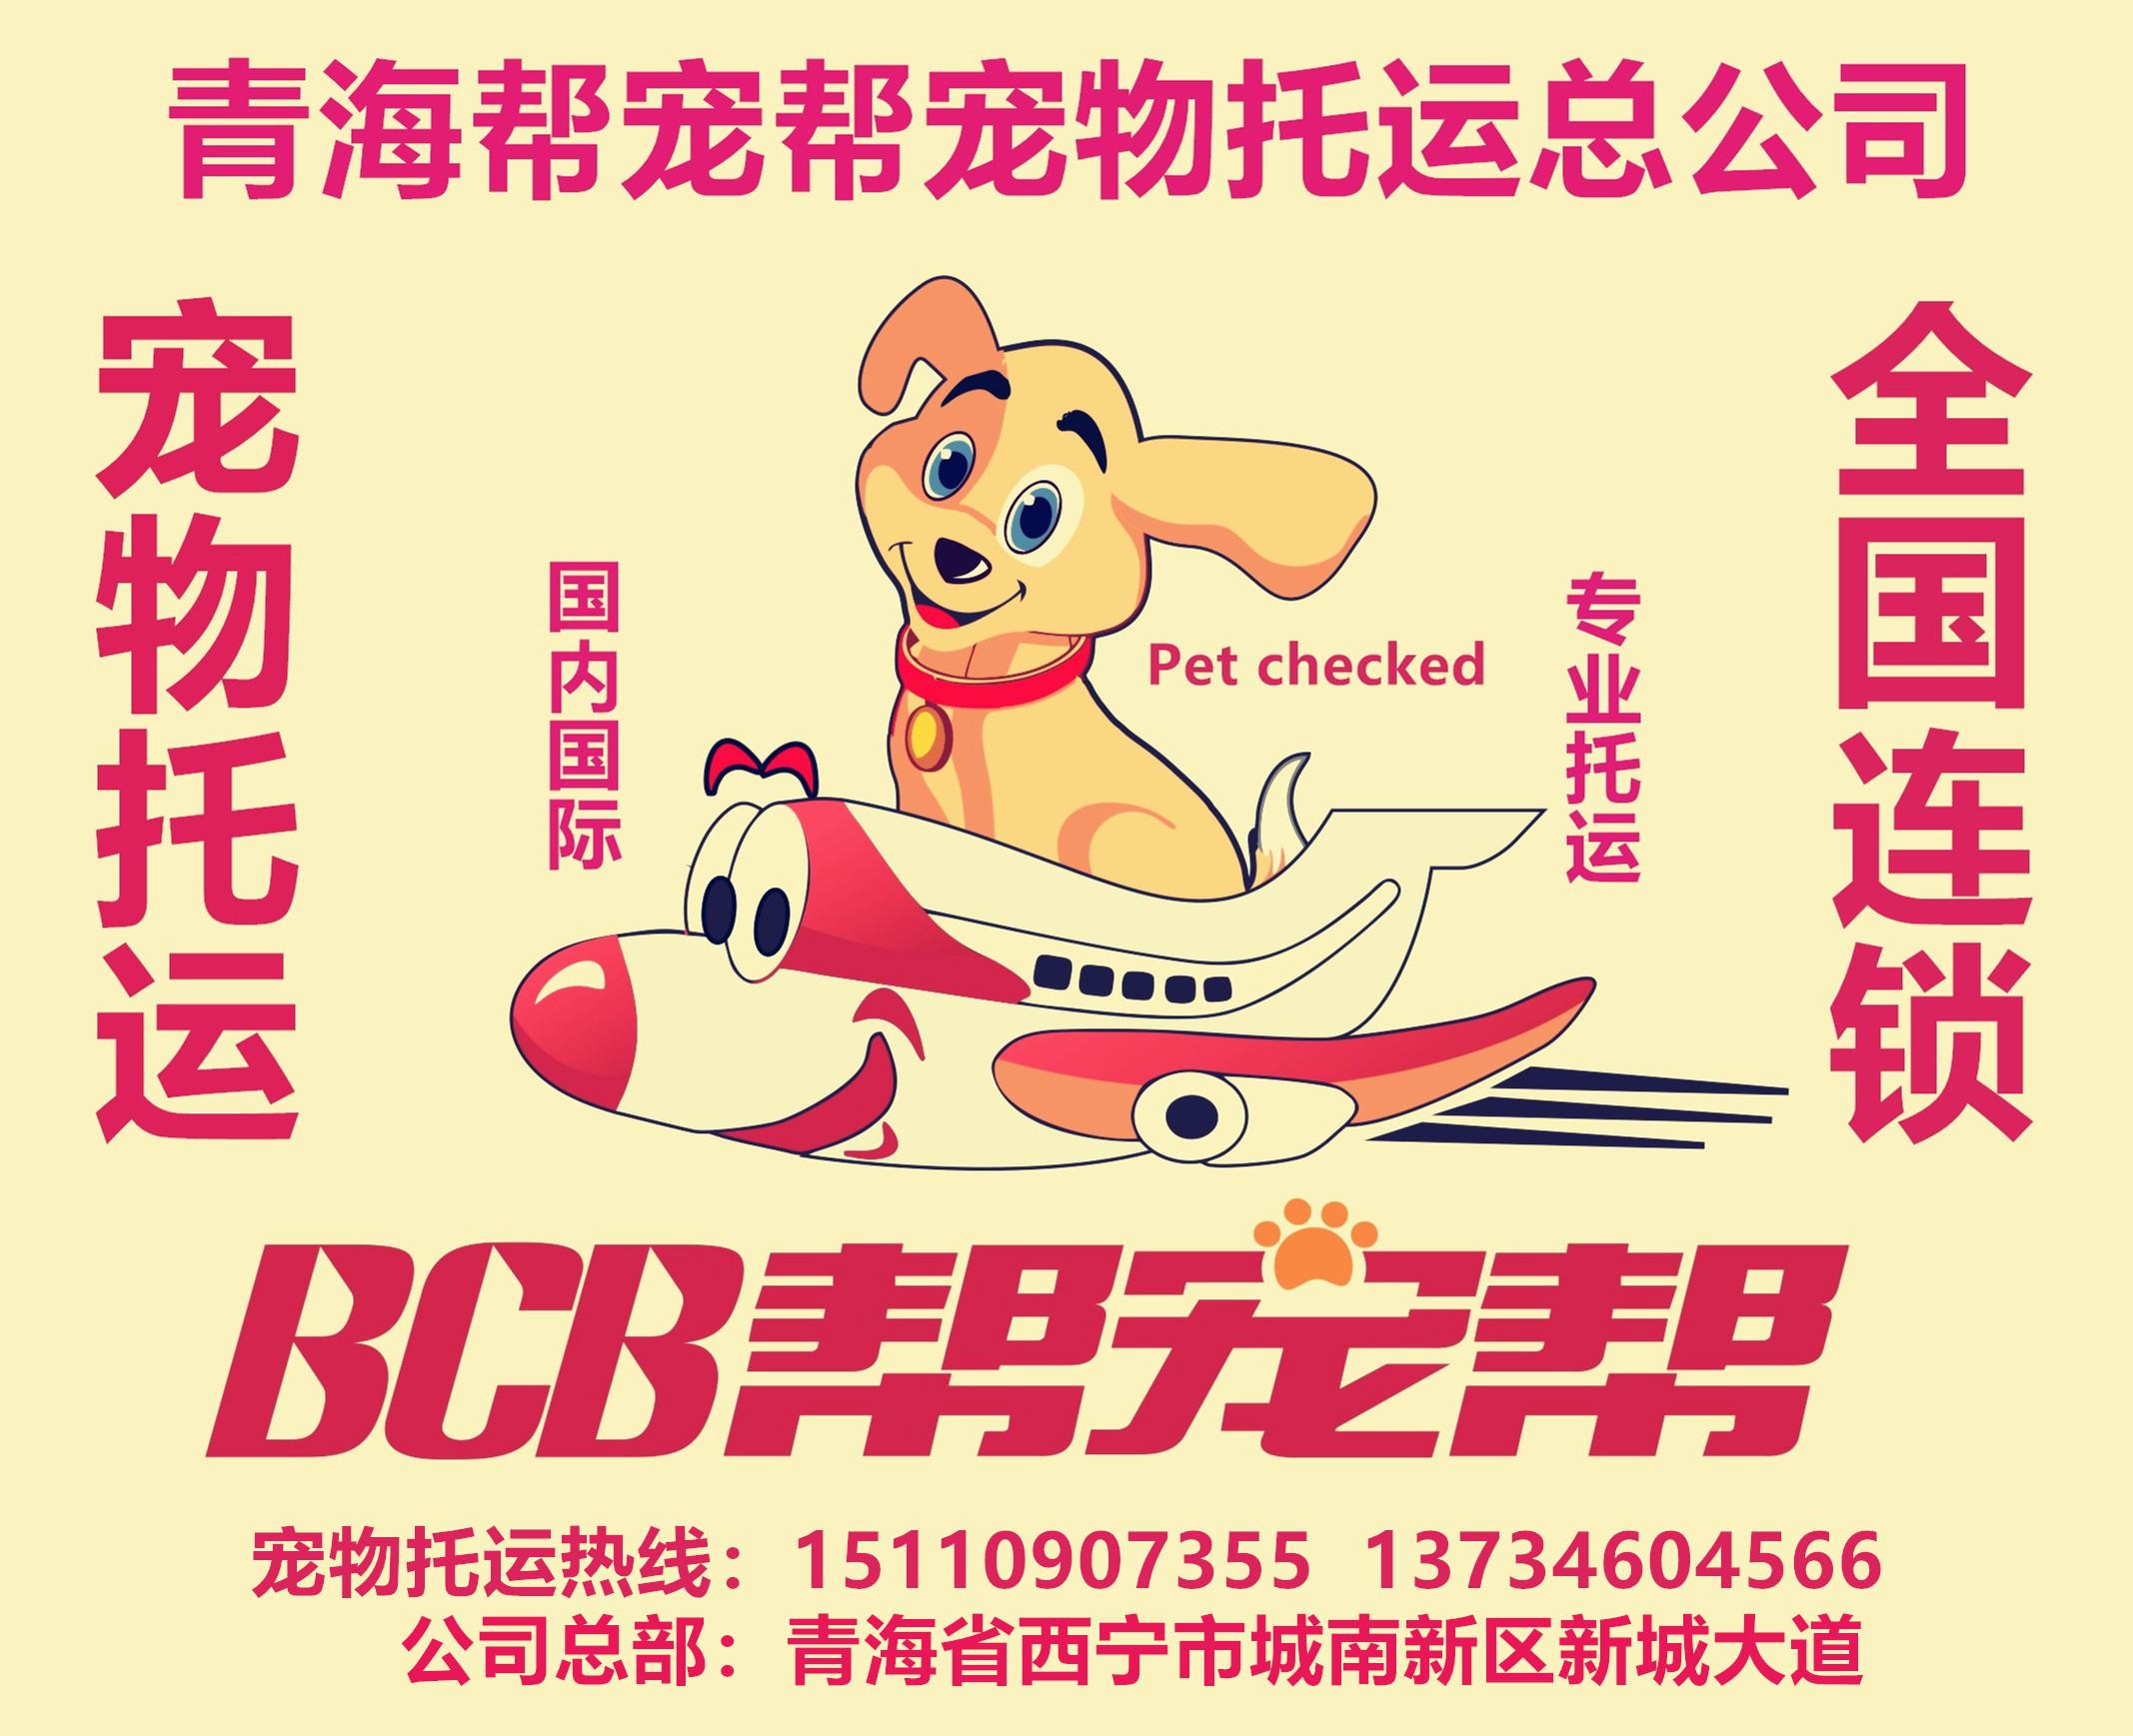 青海省宠物托运西宁宠物托运找帮宠帮宠物托运公司